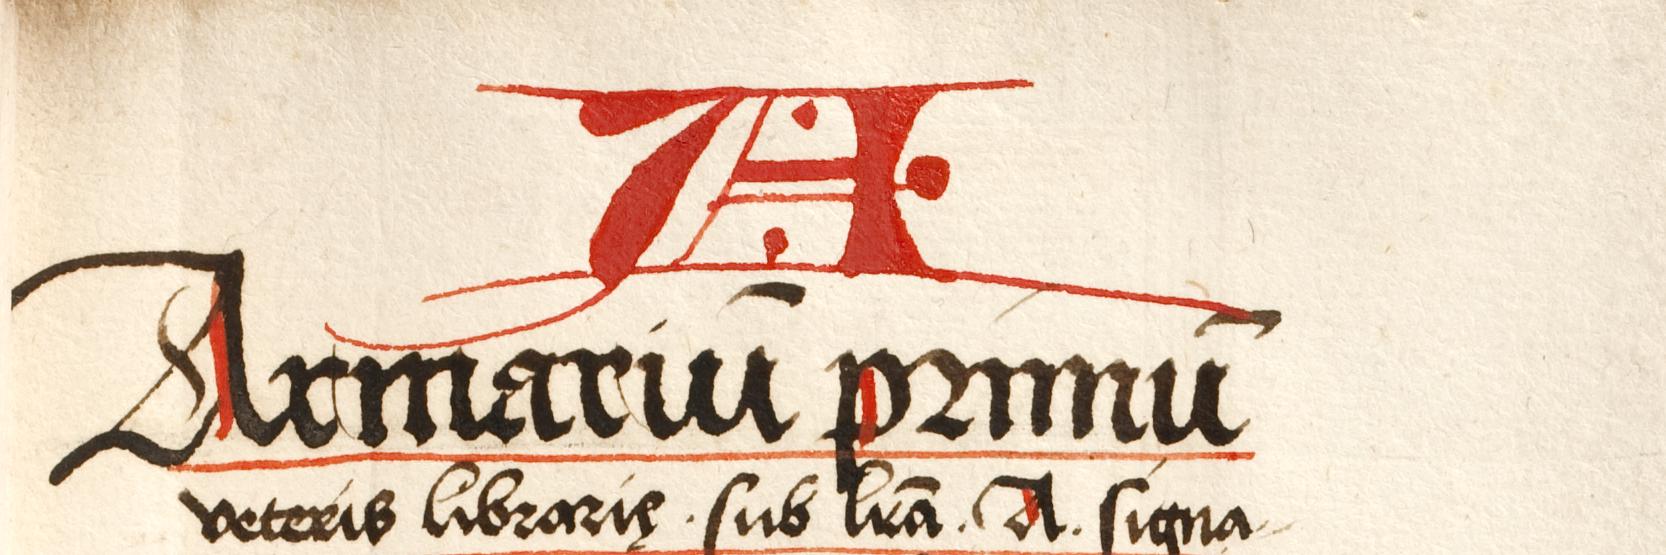 Standortkatalog der sogenannten Bibliotheca antiqua, ca. 1520.